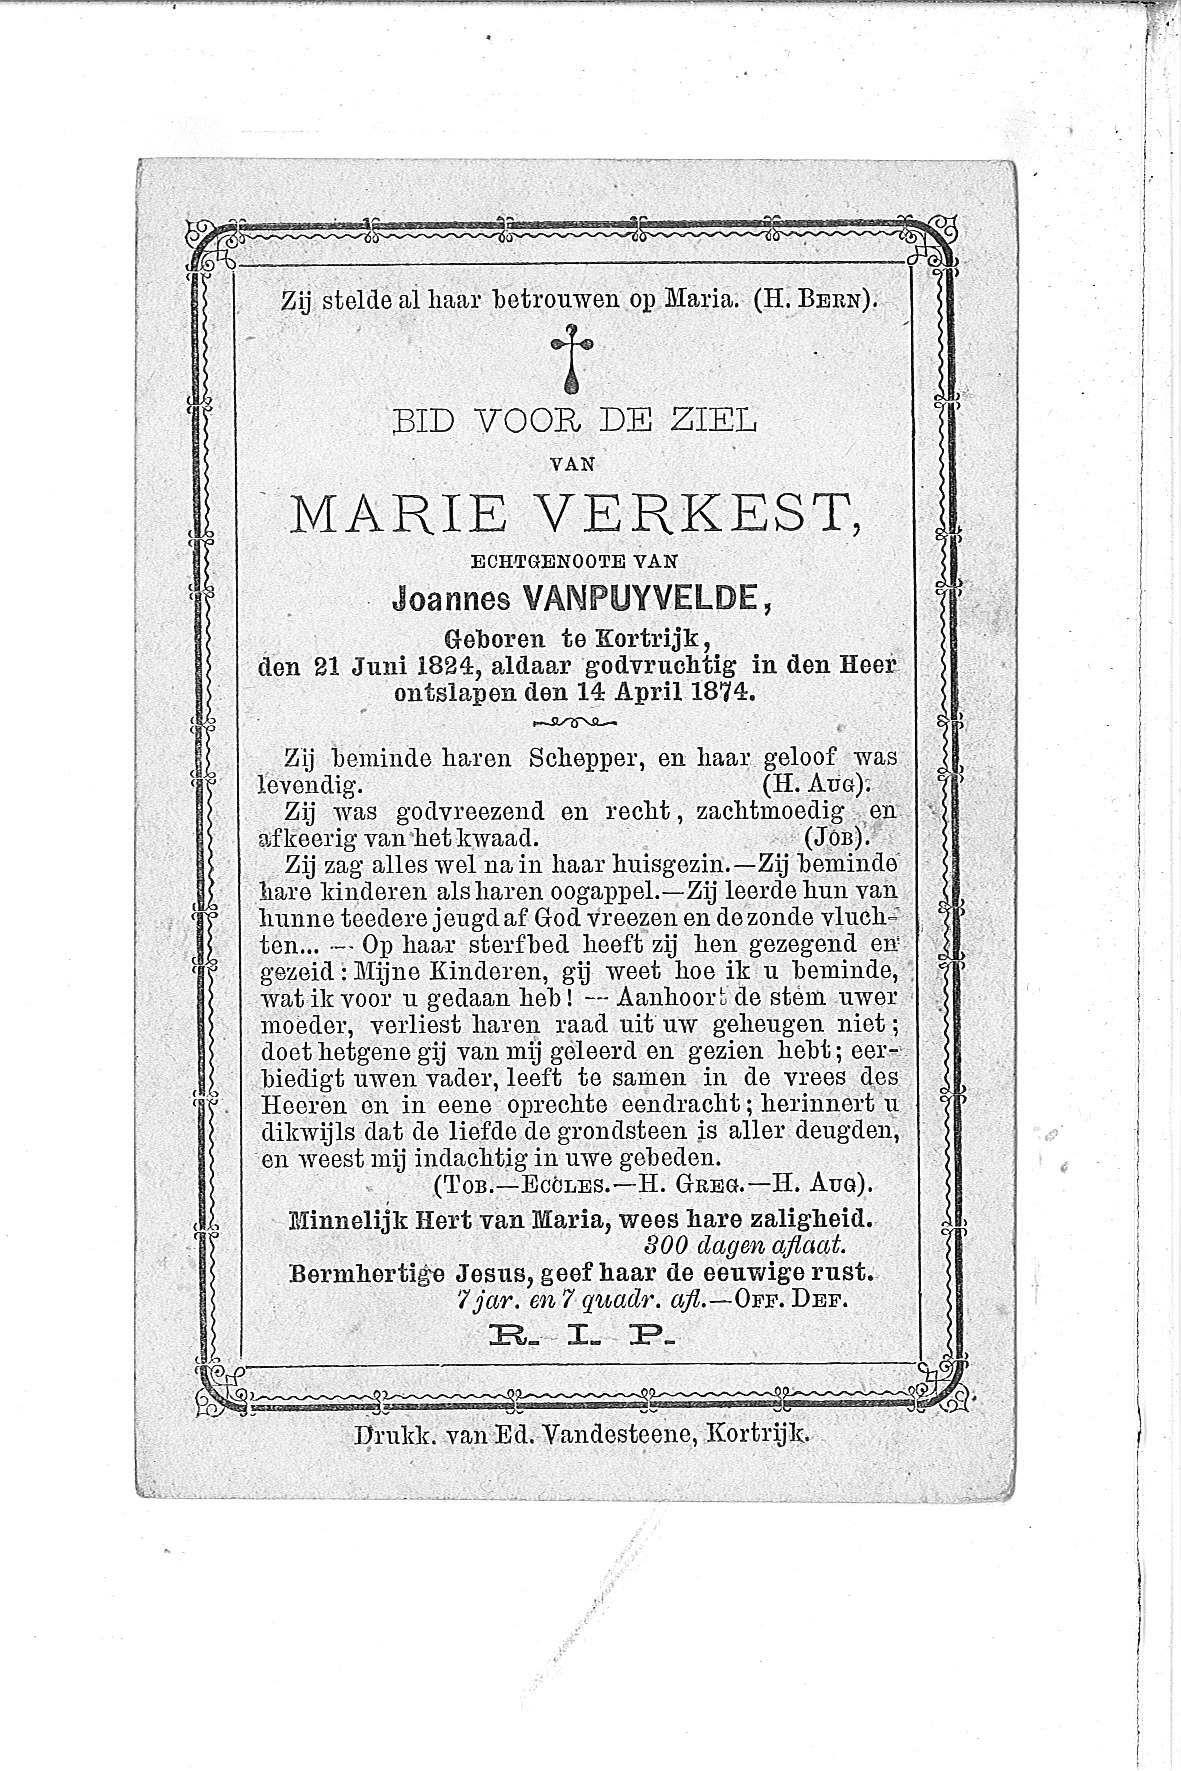 Marie(1874)20100726084206_00059.jpg